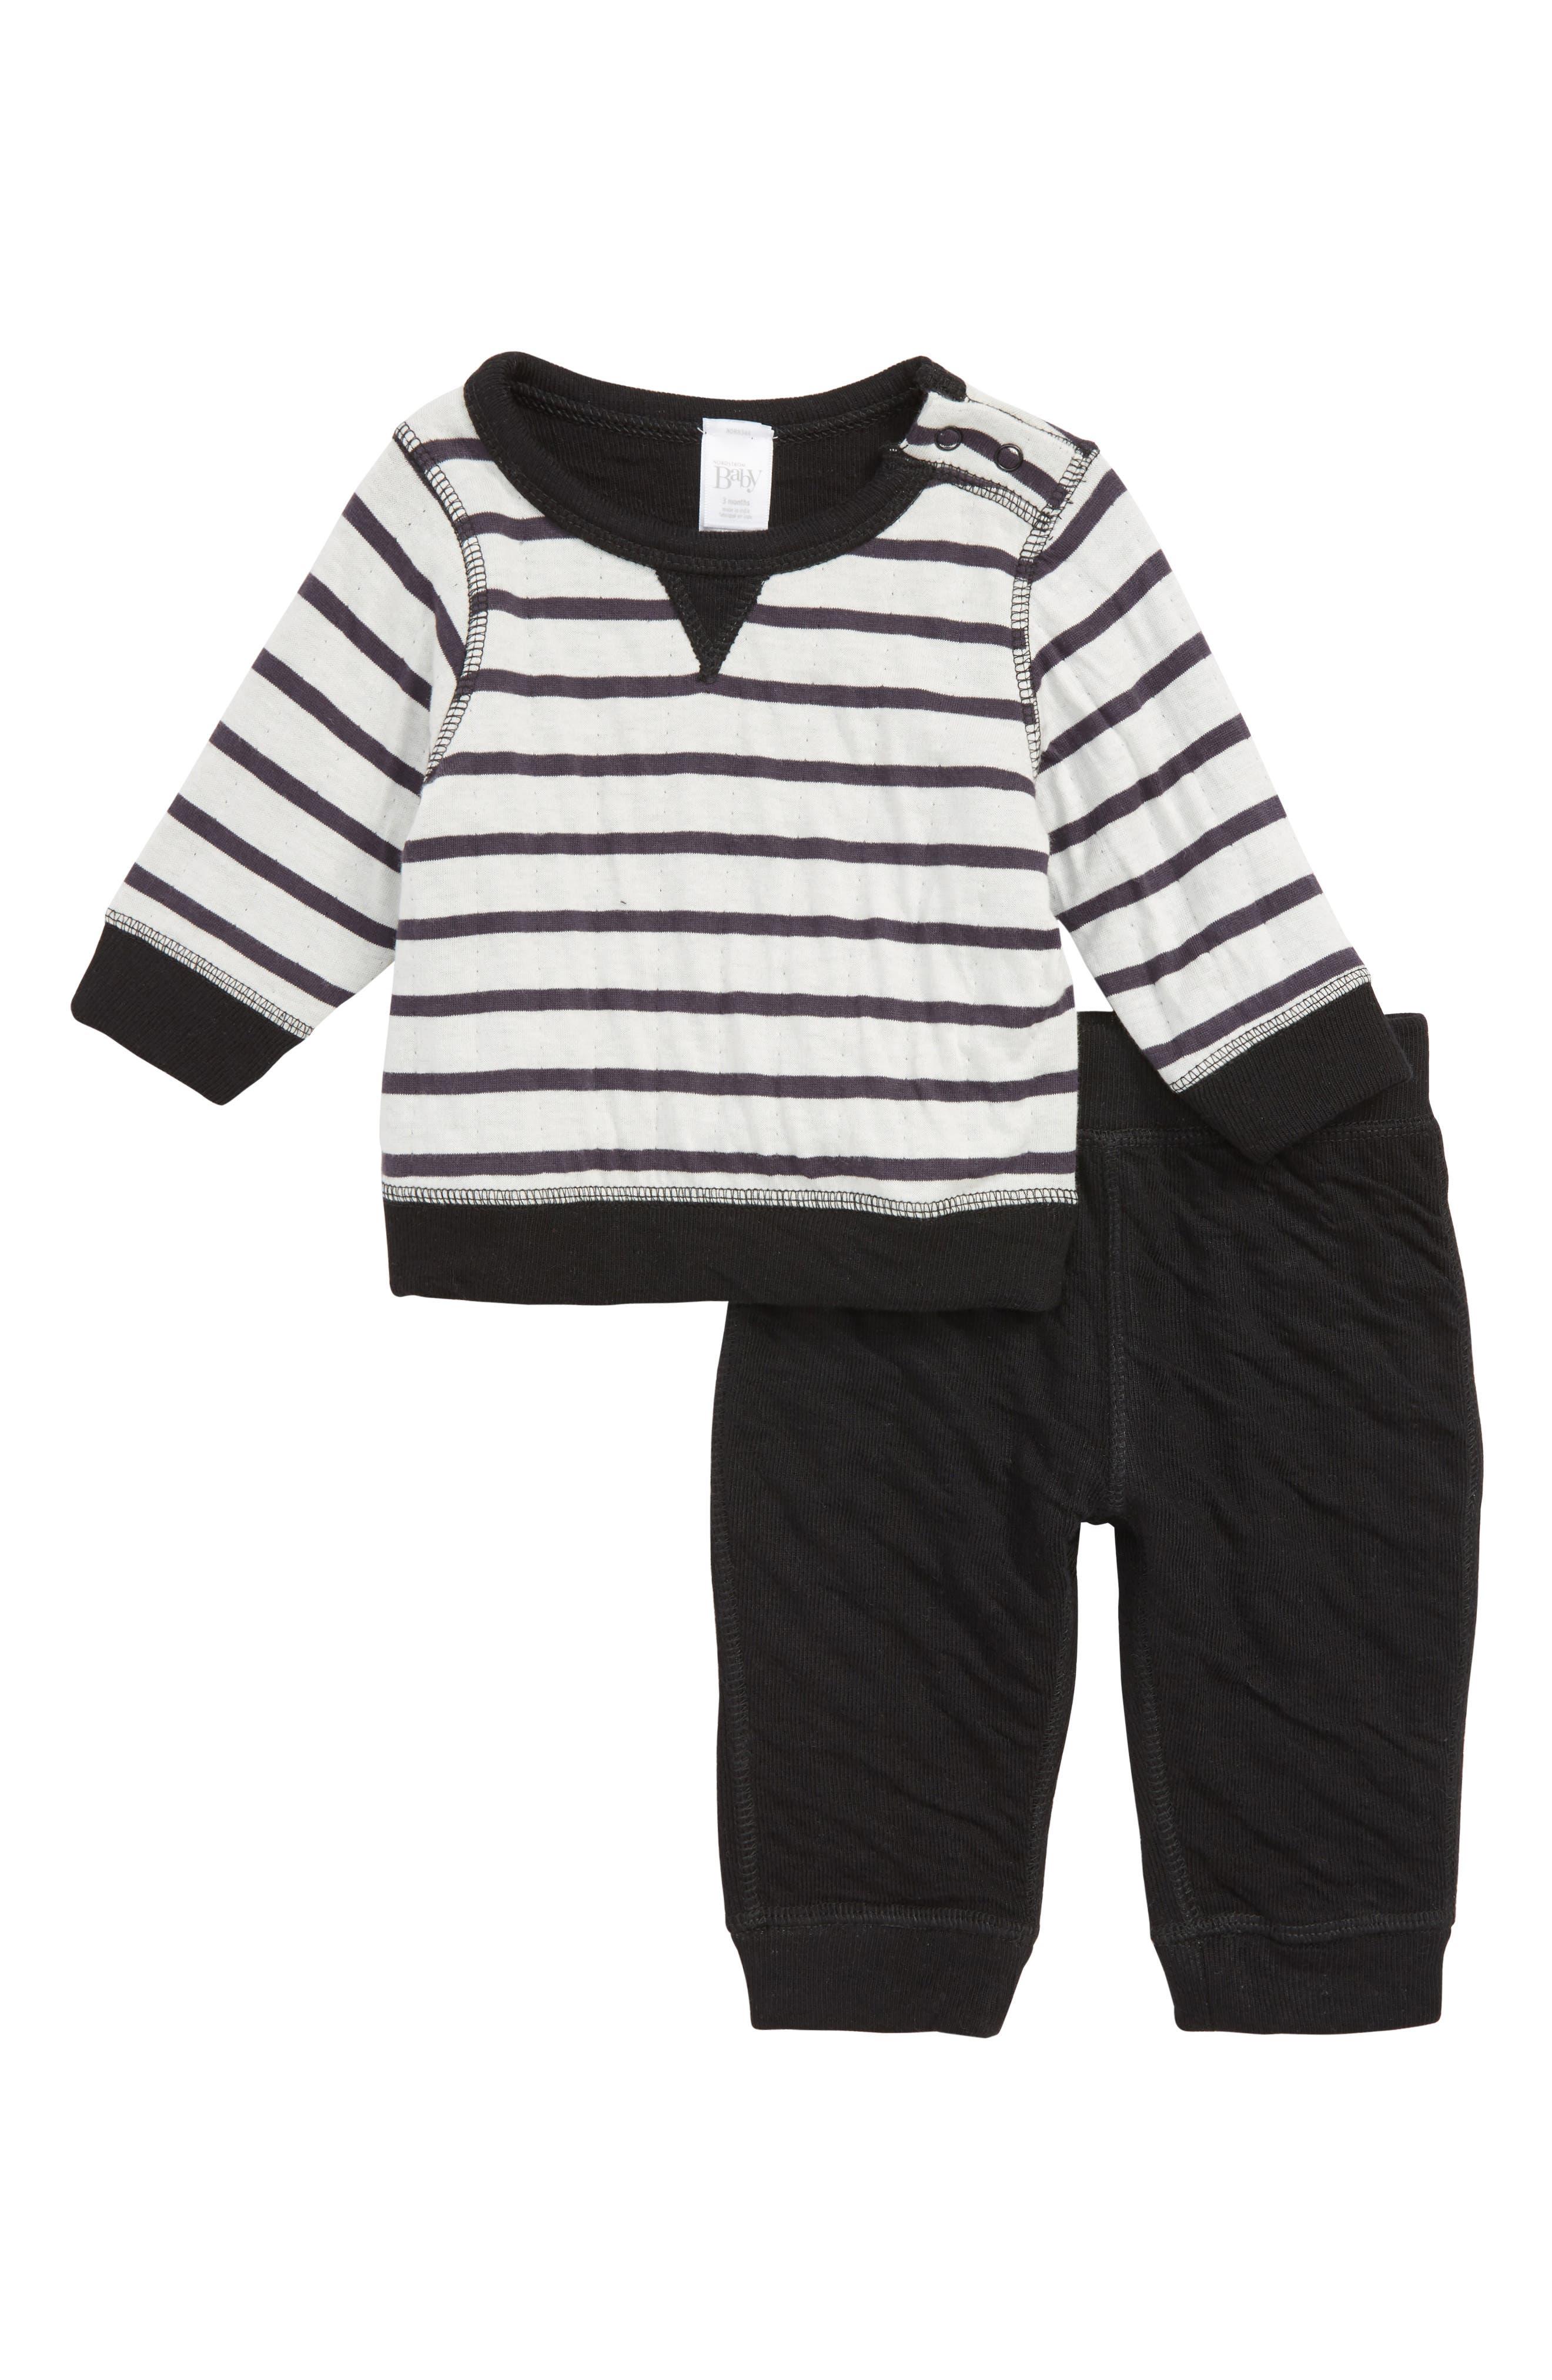 Reversible Double Knit T-Shirt & Pants Set,                             Main thumbnail 1, color,                             BLACK BRETON STRIPE